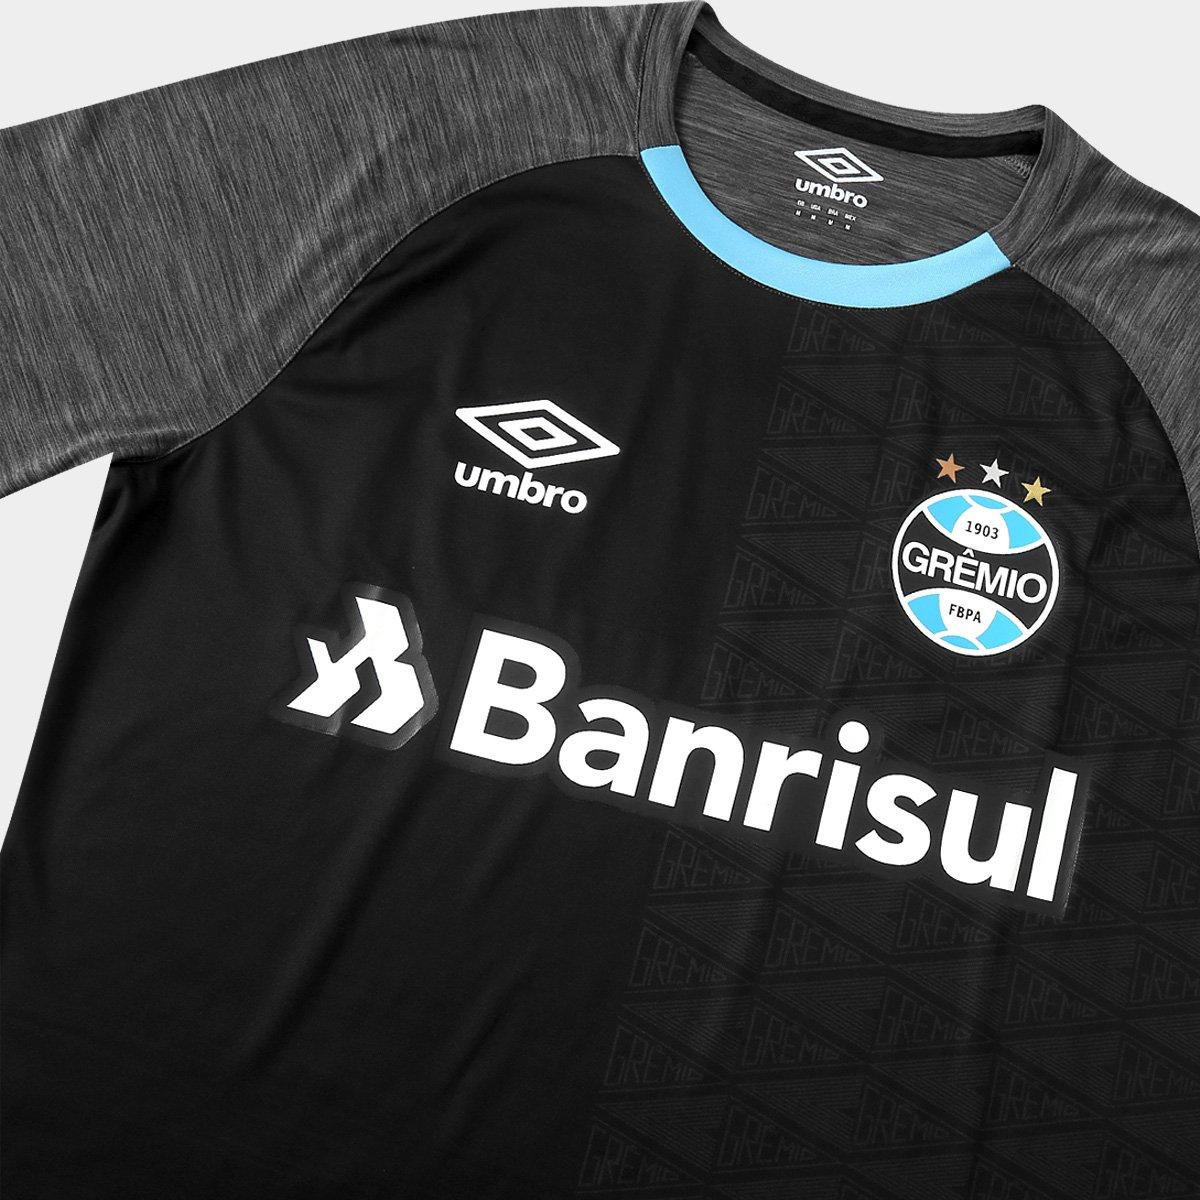 Camisa Grêmio Aquecimento 18 19 Umbro Masculina - Cinza e Preto ... 074be0c970a3c